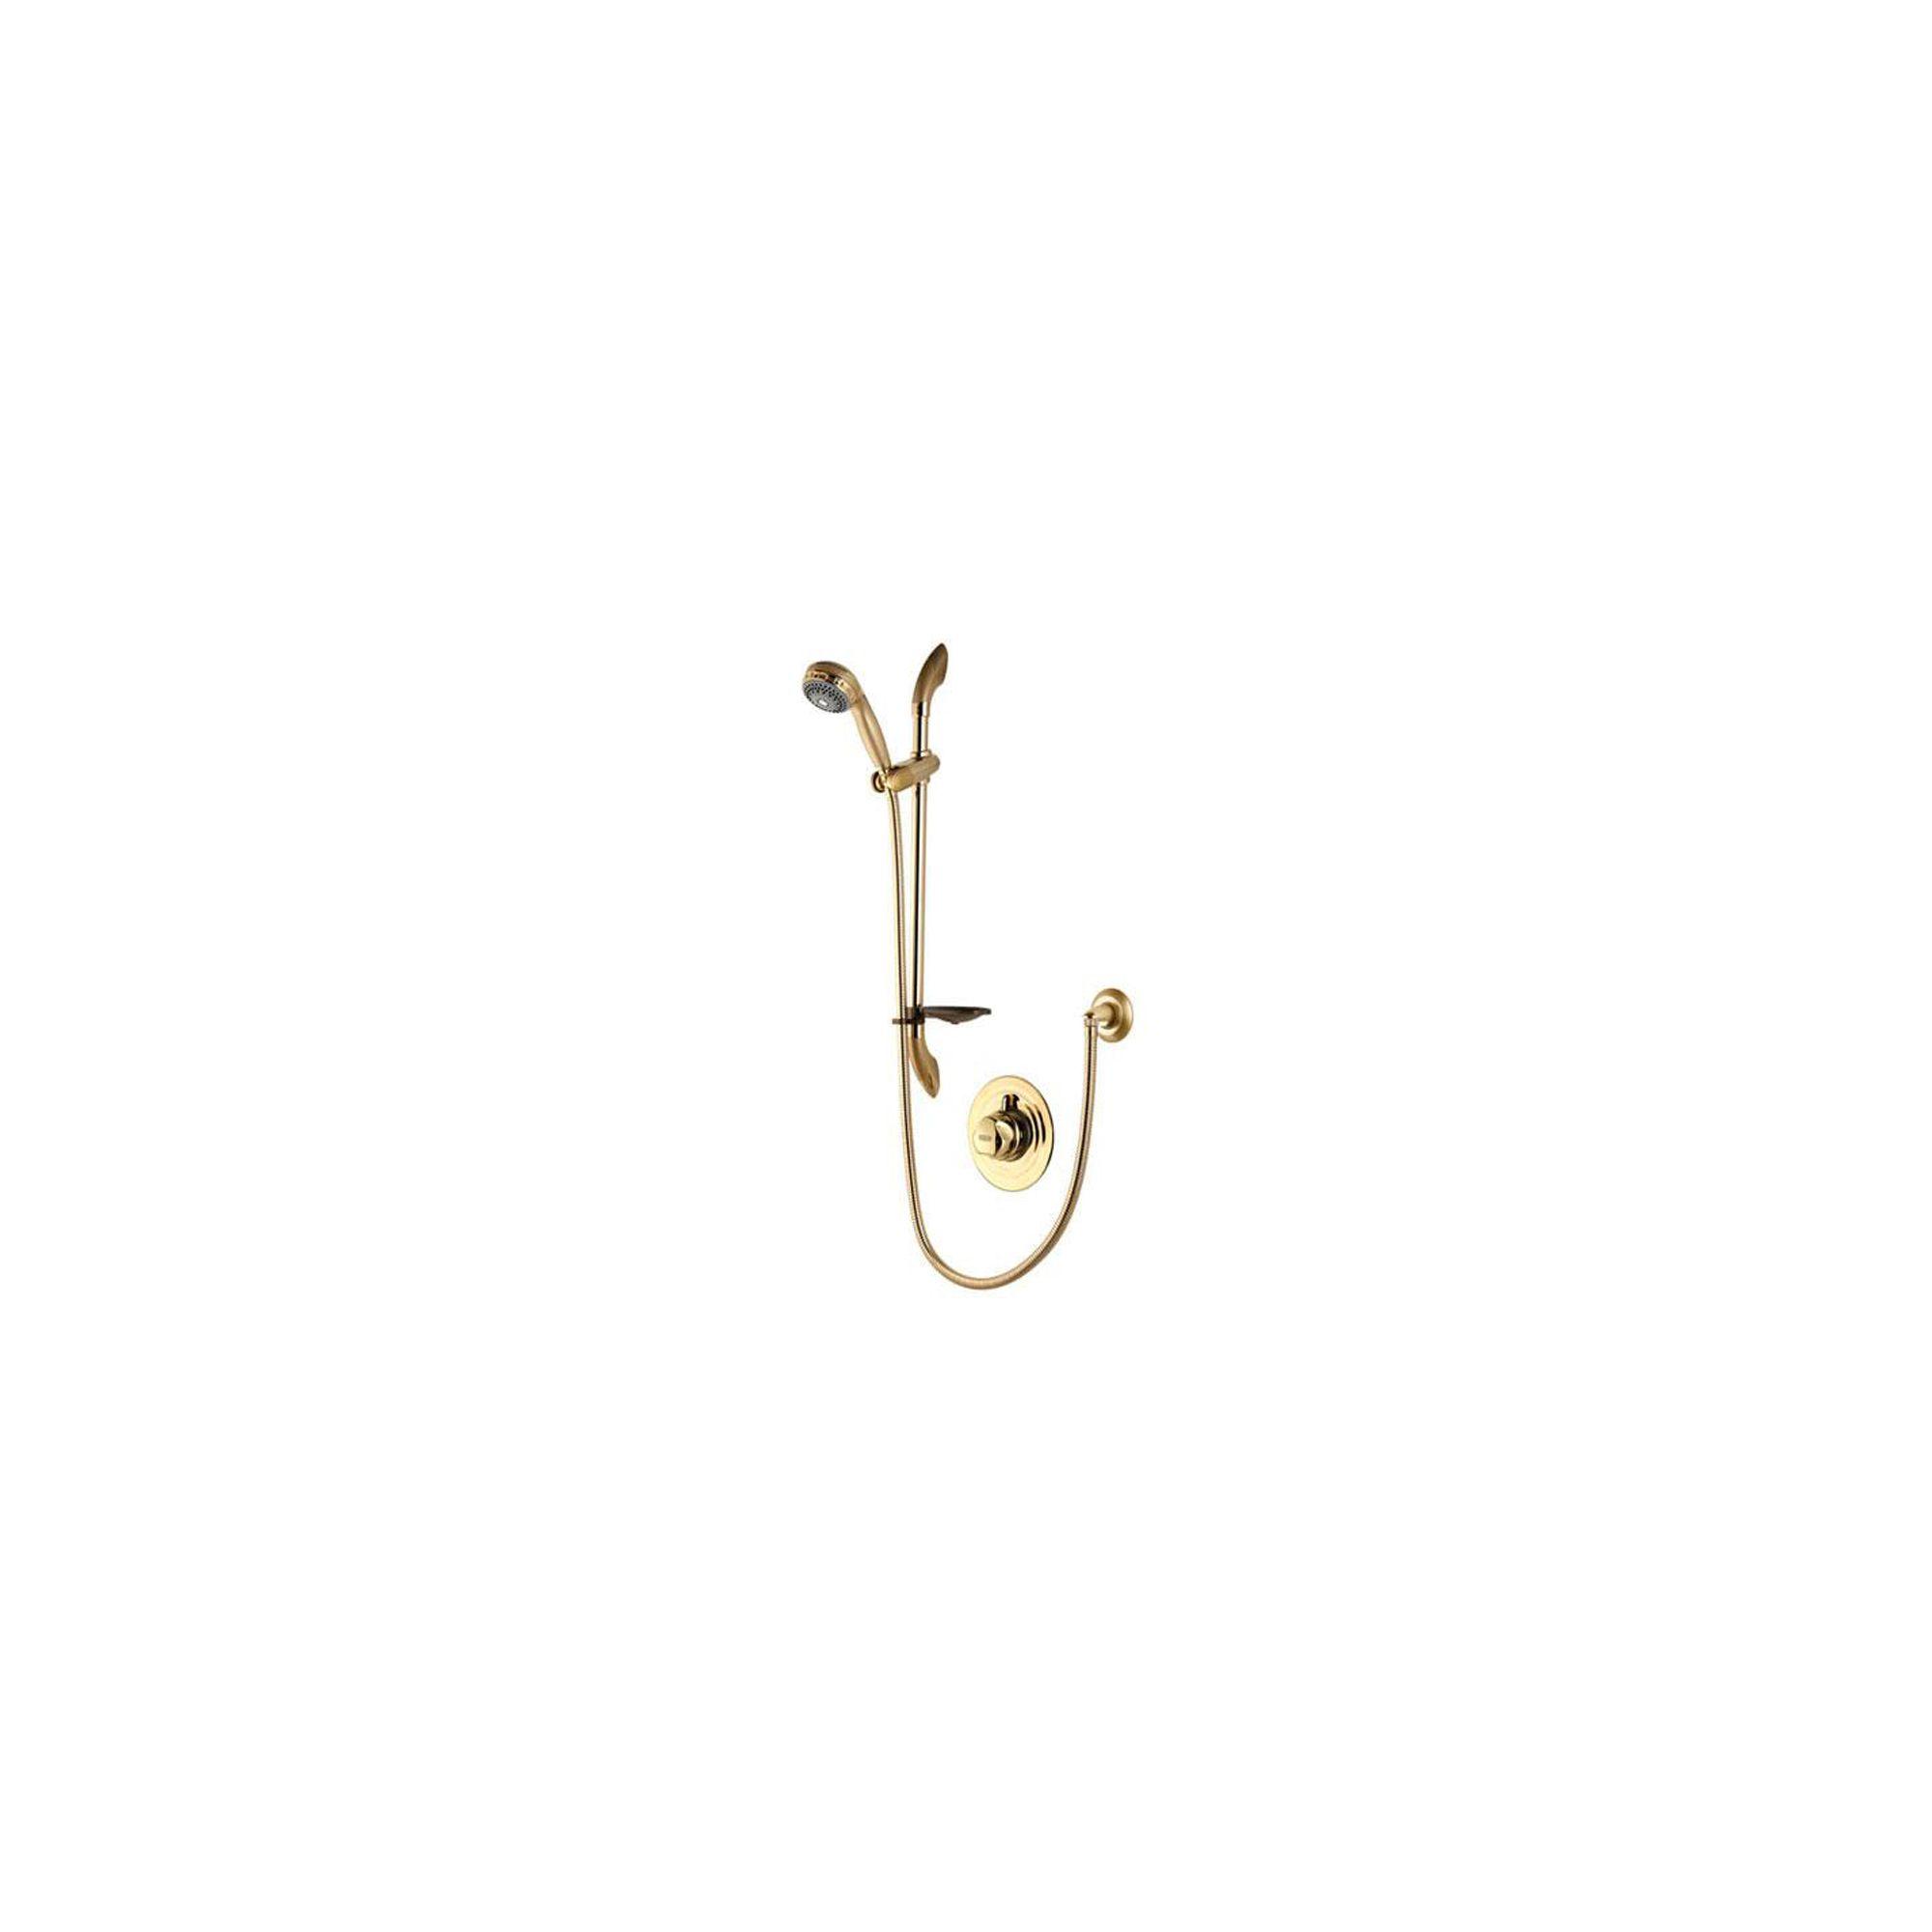 Aqualisa Aquavalve 700 Concealed Shower Valve with Adjustable Shower Head Gold at Tesco Direct